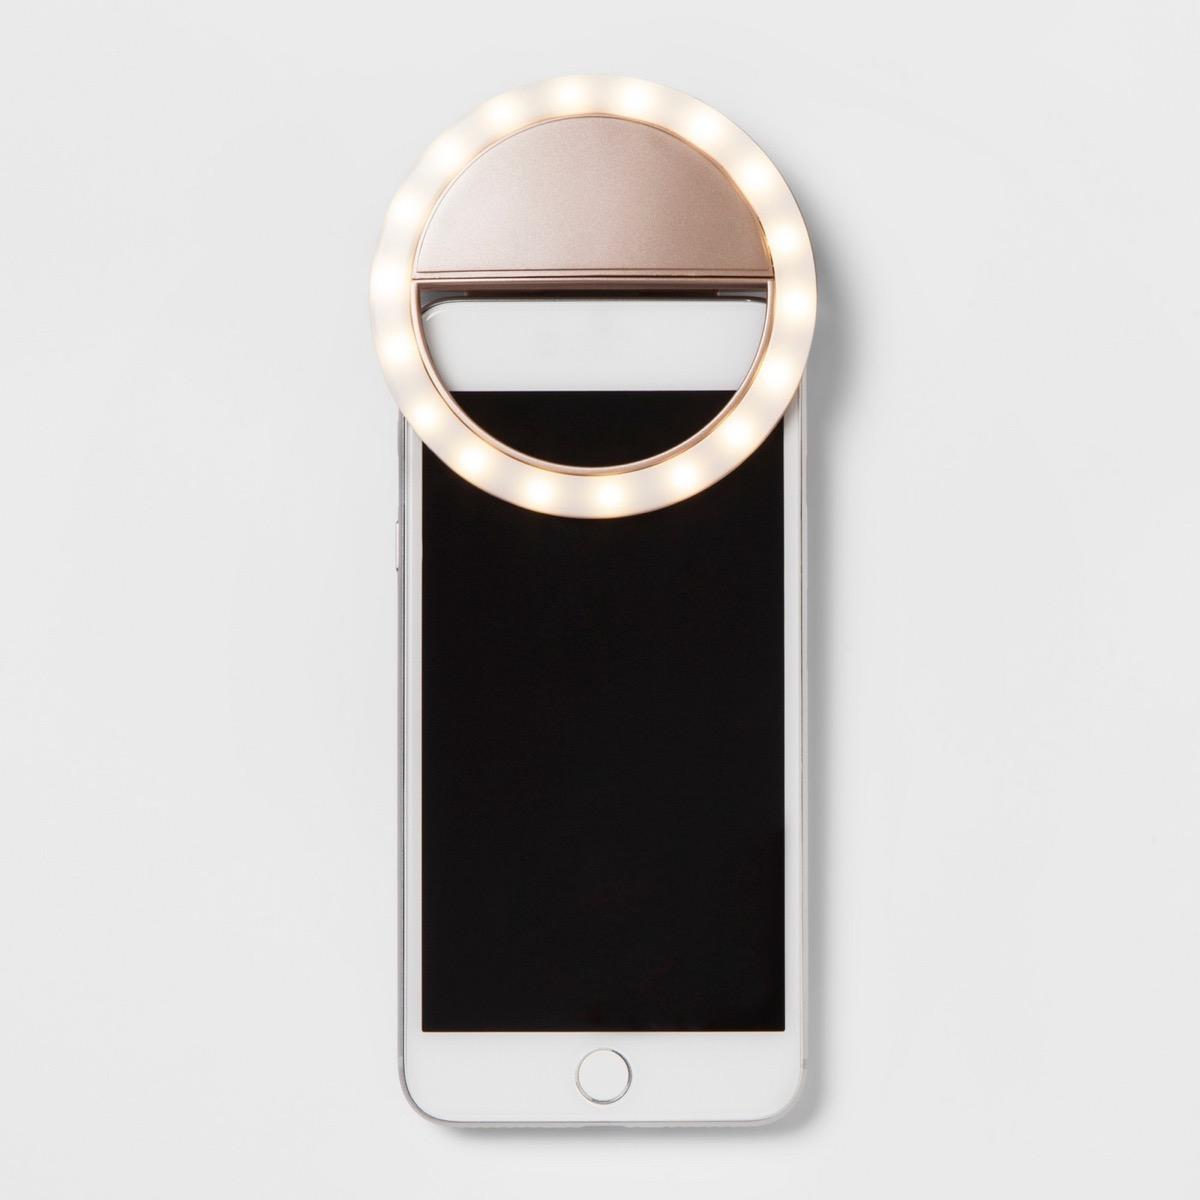 Selfie Light {Best Last-Minute Gifts}